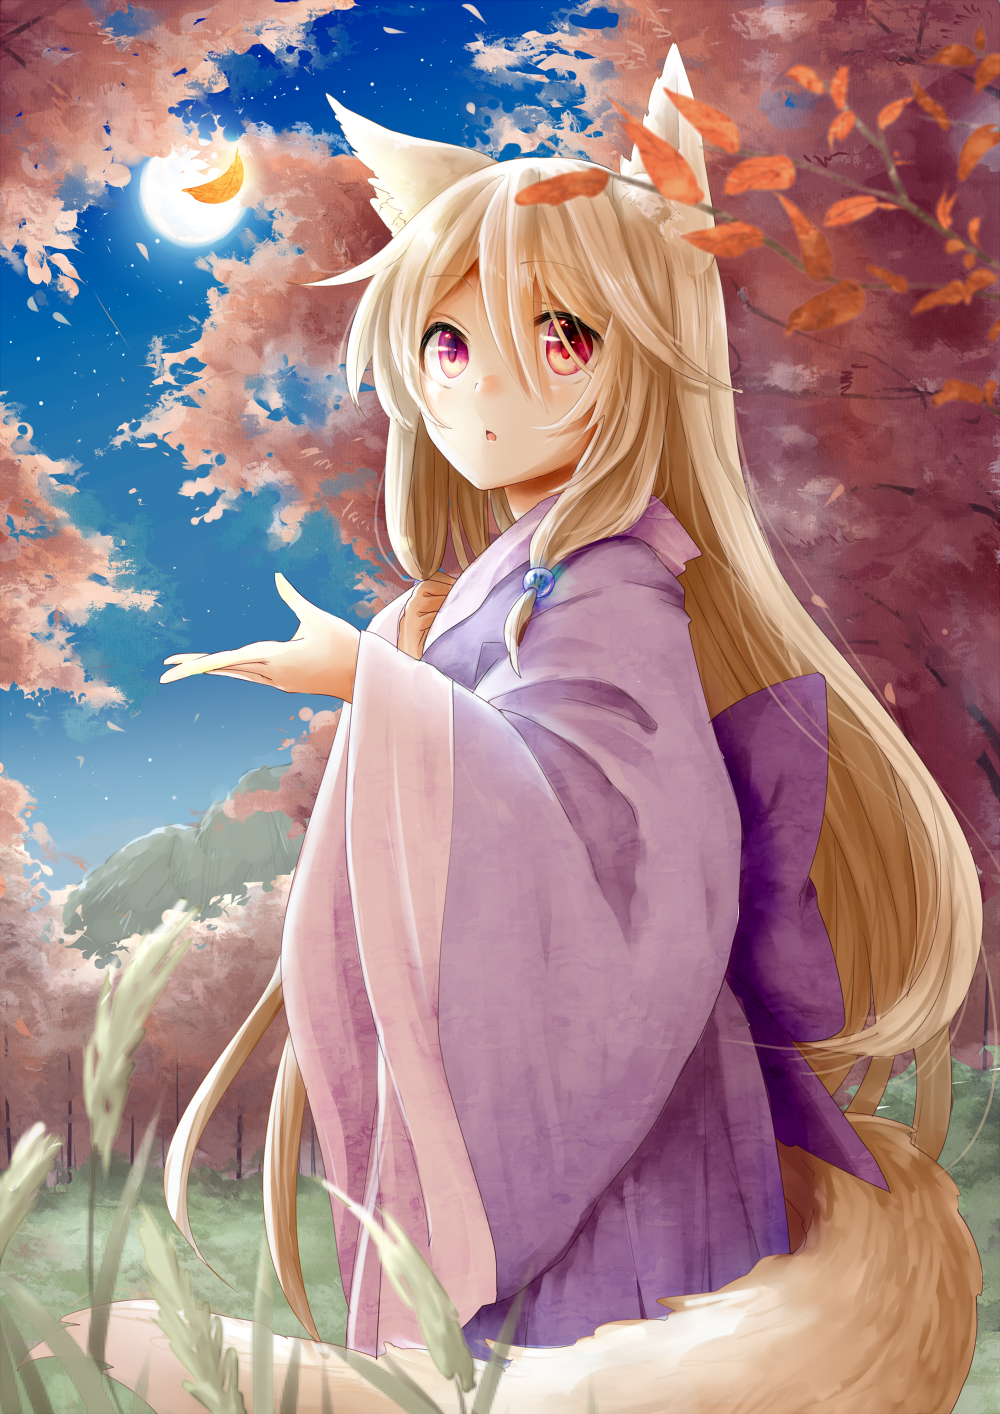 Anime kitsune in kimono